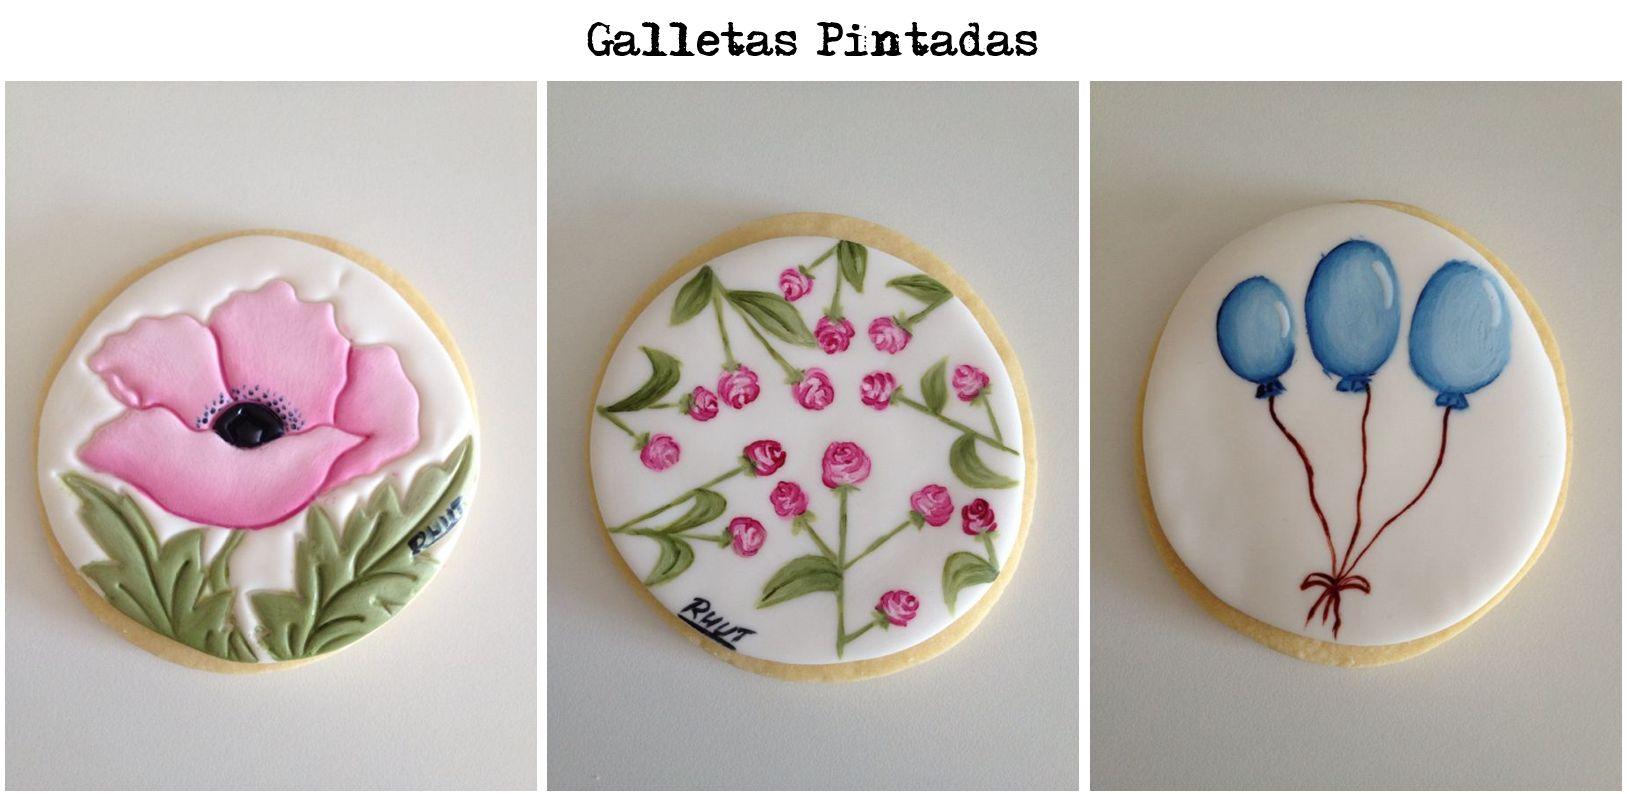 Galletas PIntadas